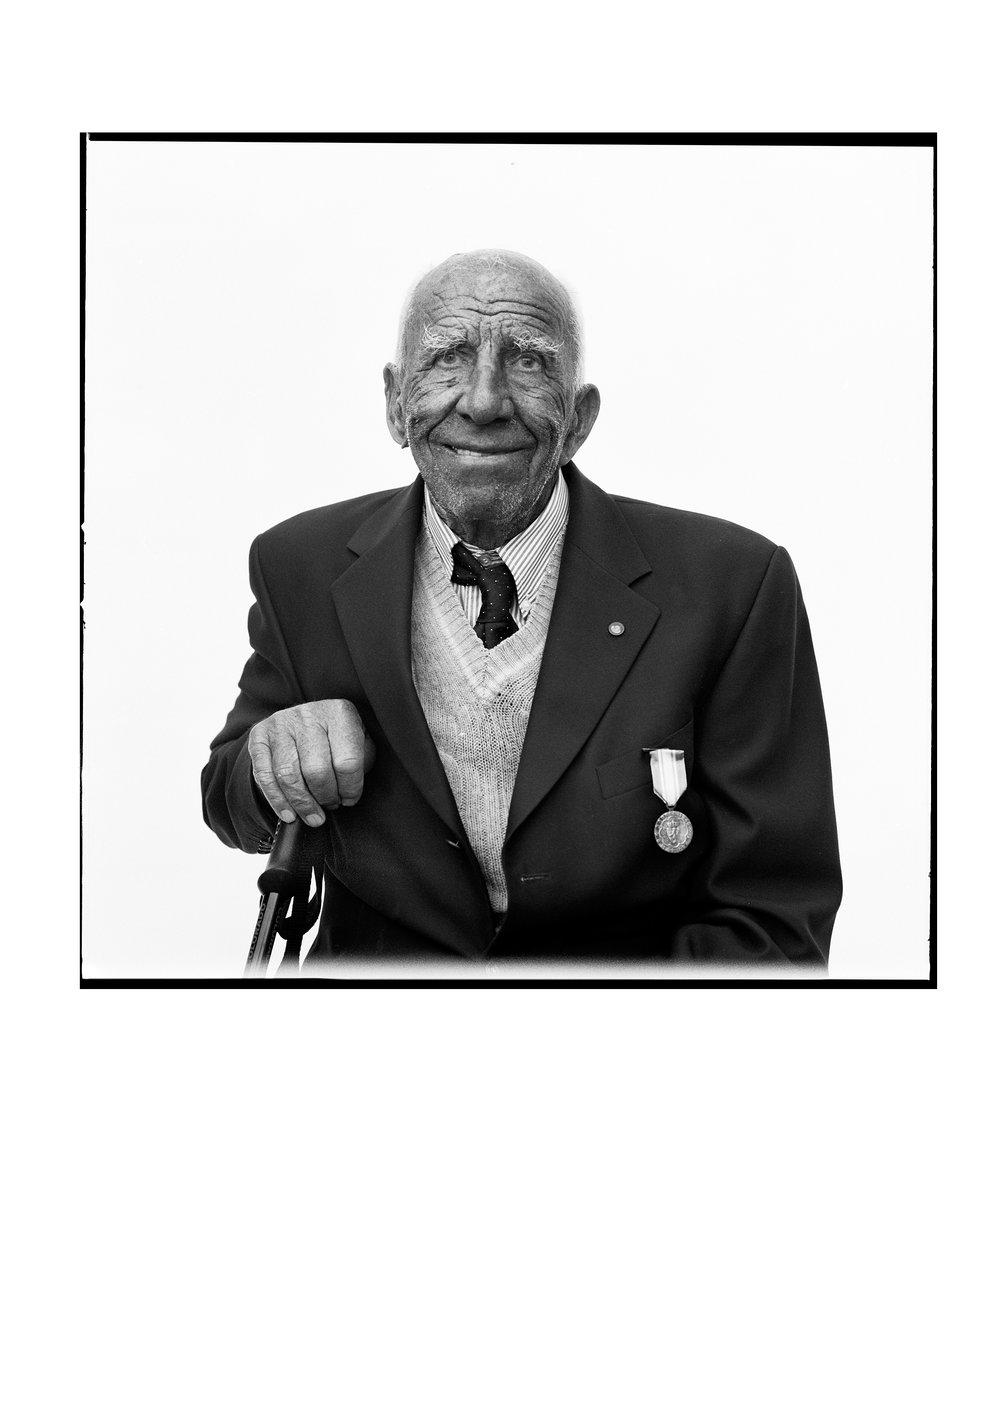 WW2 veteran Tor Sæthersmoen